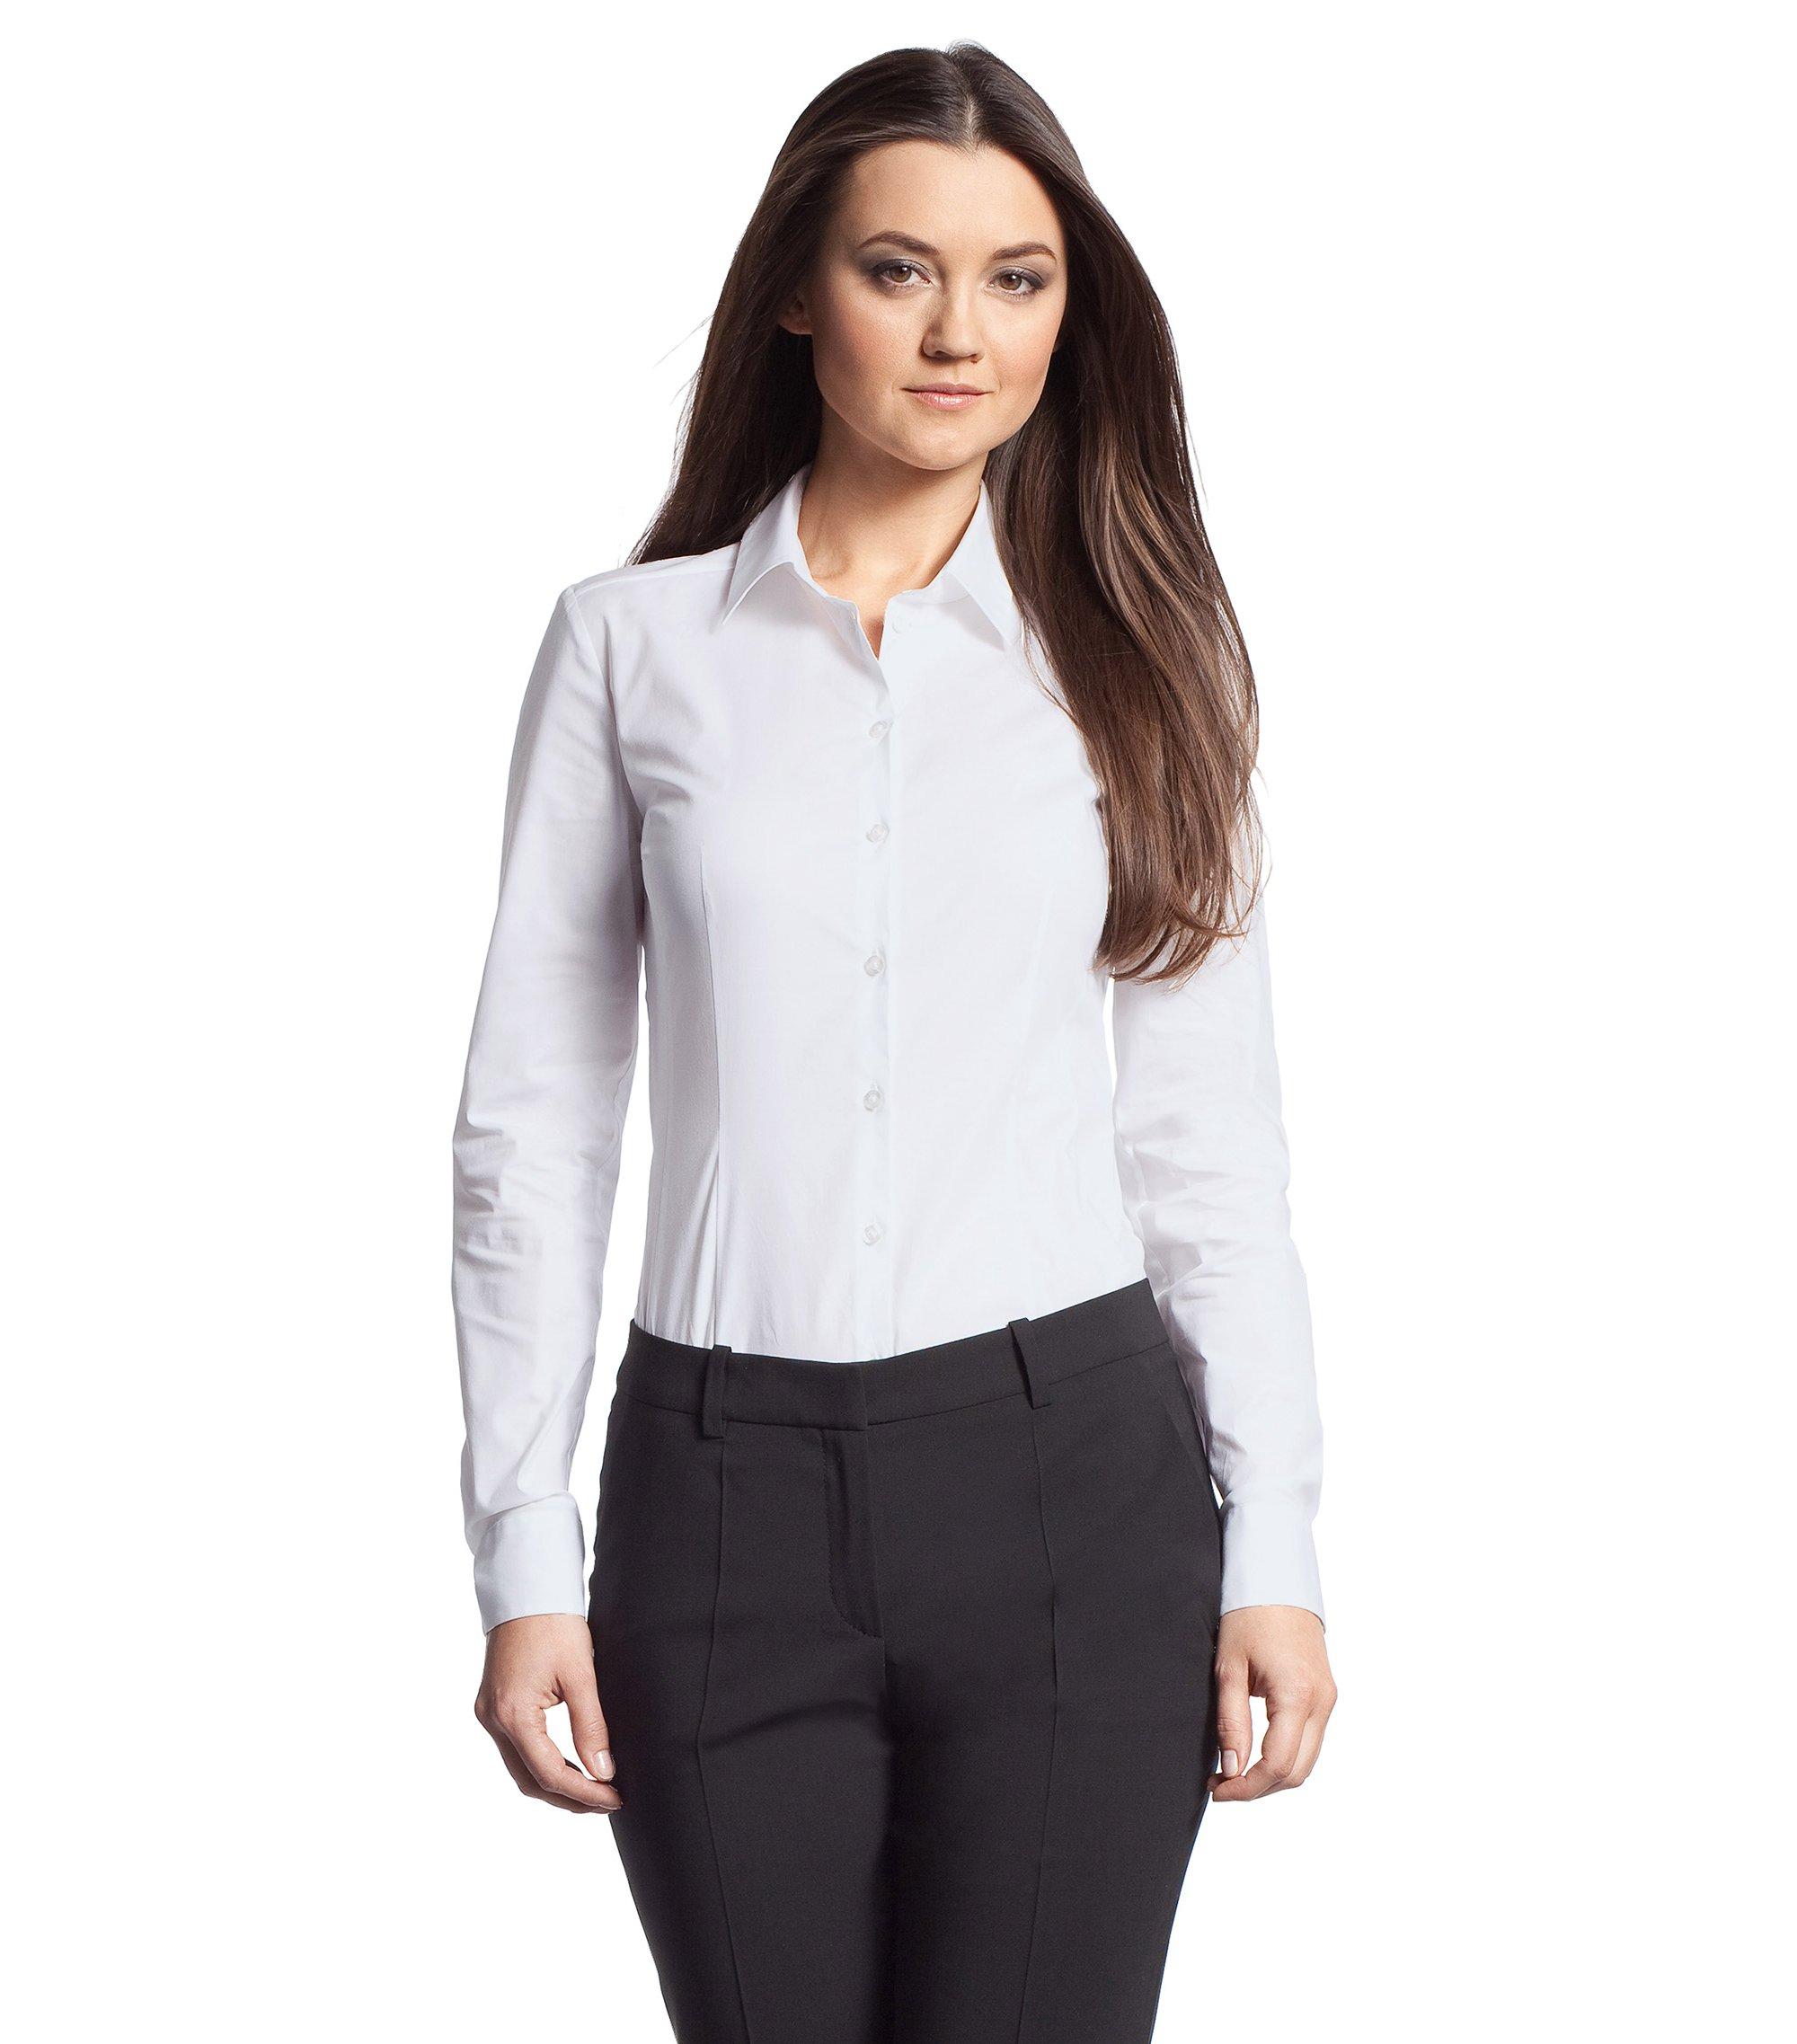 Bluse ´Endell` aus Baumwoll-Mix, Weiß